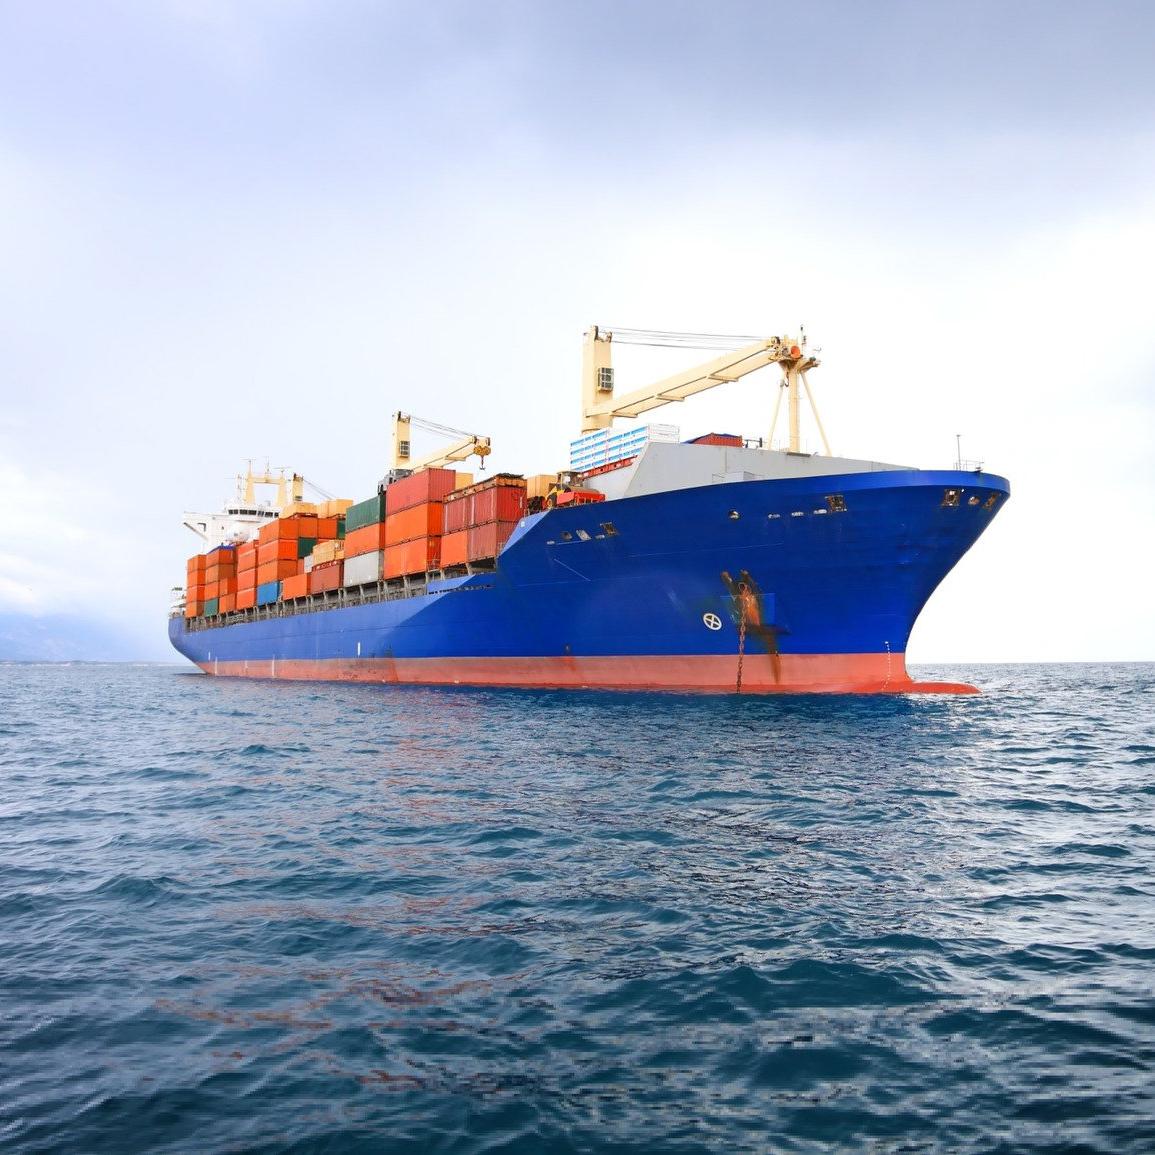 普通海运服务 -中国到马来西亚  Sea Freight Service China to Malaysia